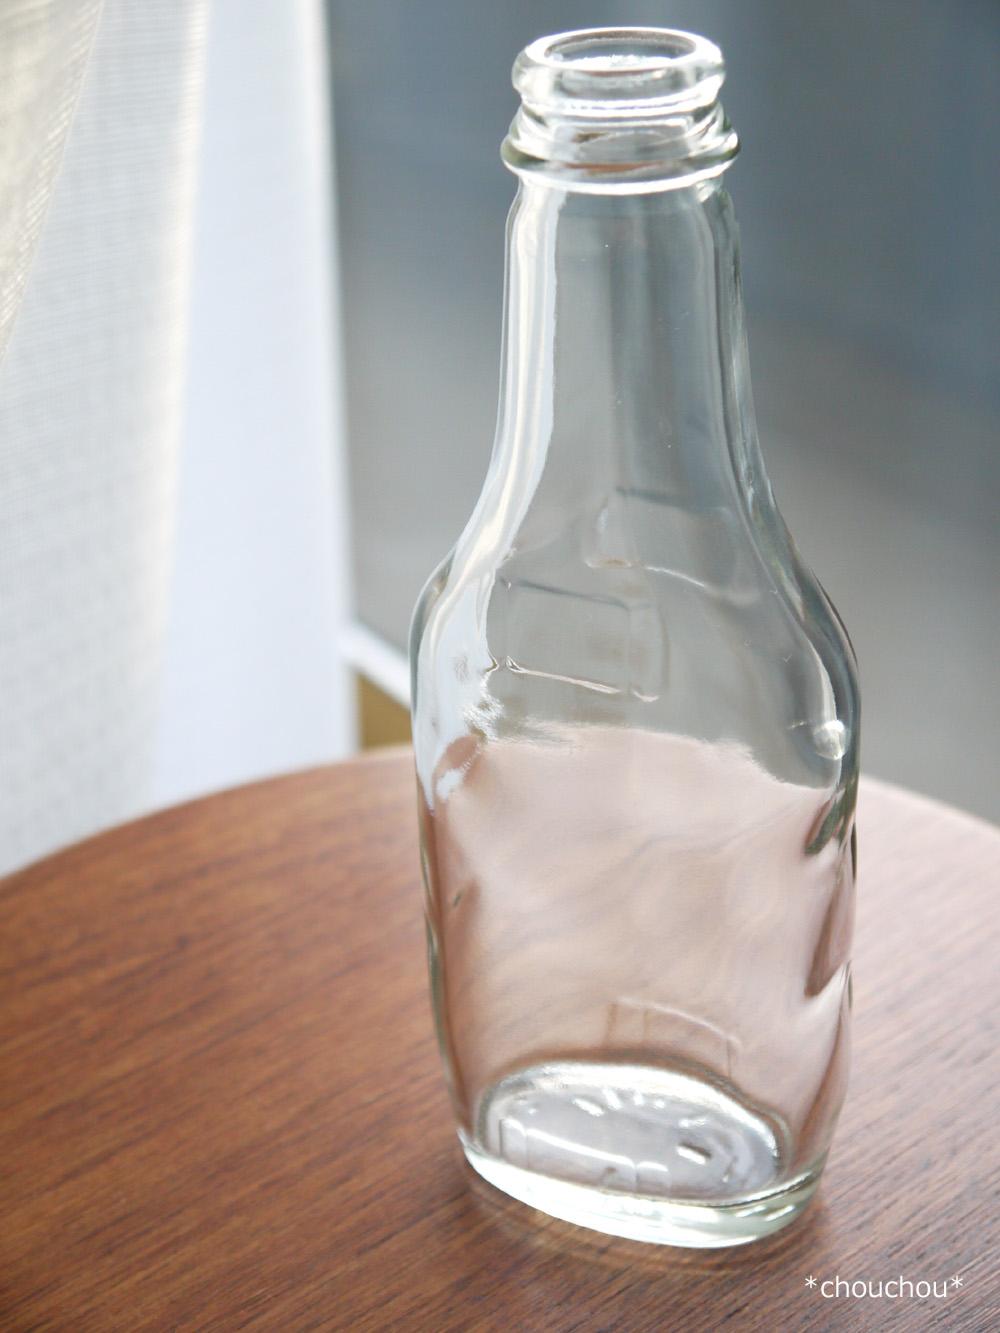 メープル 空き瓶